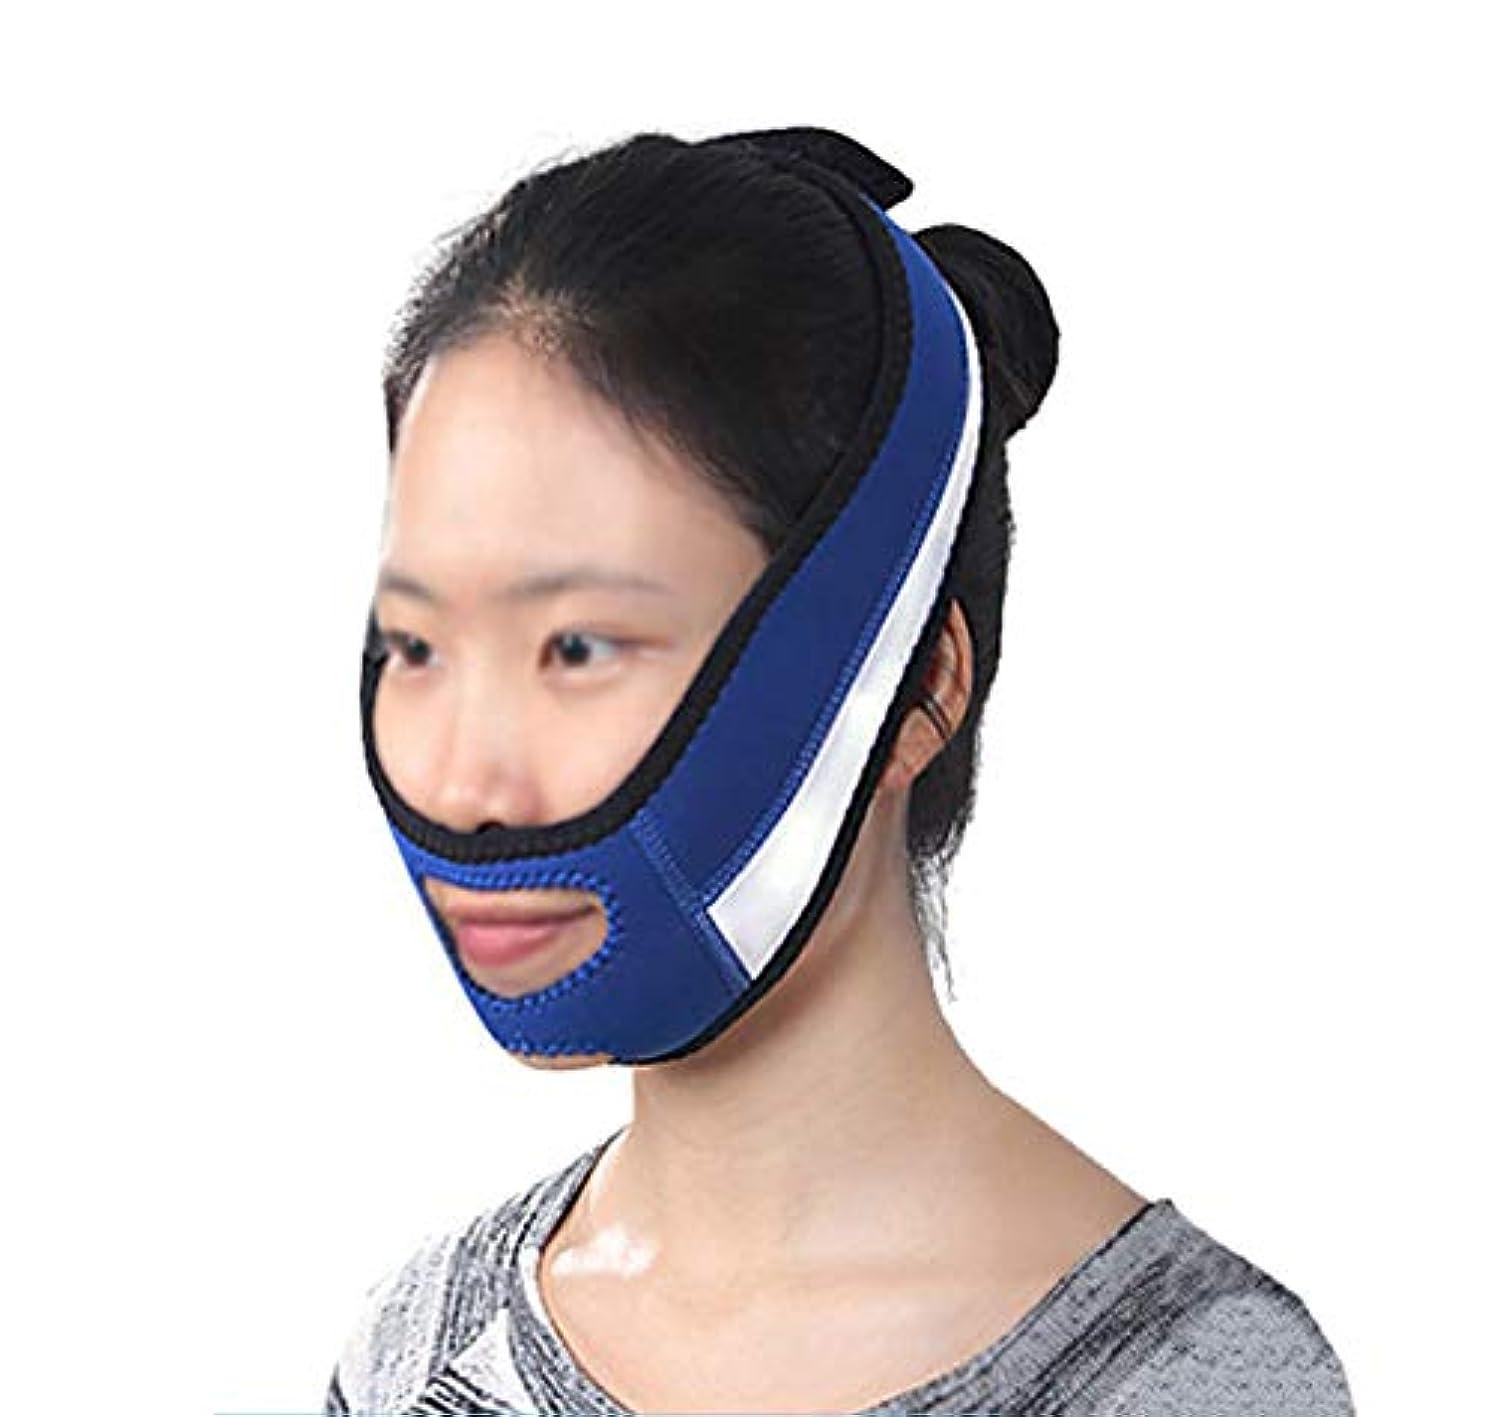 遅らせる遅らせる家庭LJK 薄い顔包帯フェイススリムは、二重あごを取り除くVラインの顔の形を作りますチンチークリフトアップアンチリンクルリフティングベルトフェイスマッサージツール用女性と女の子